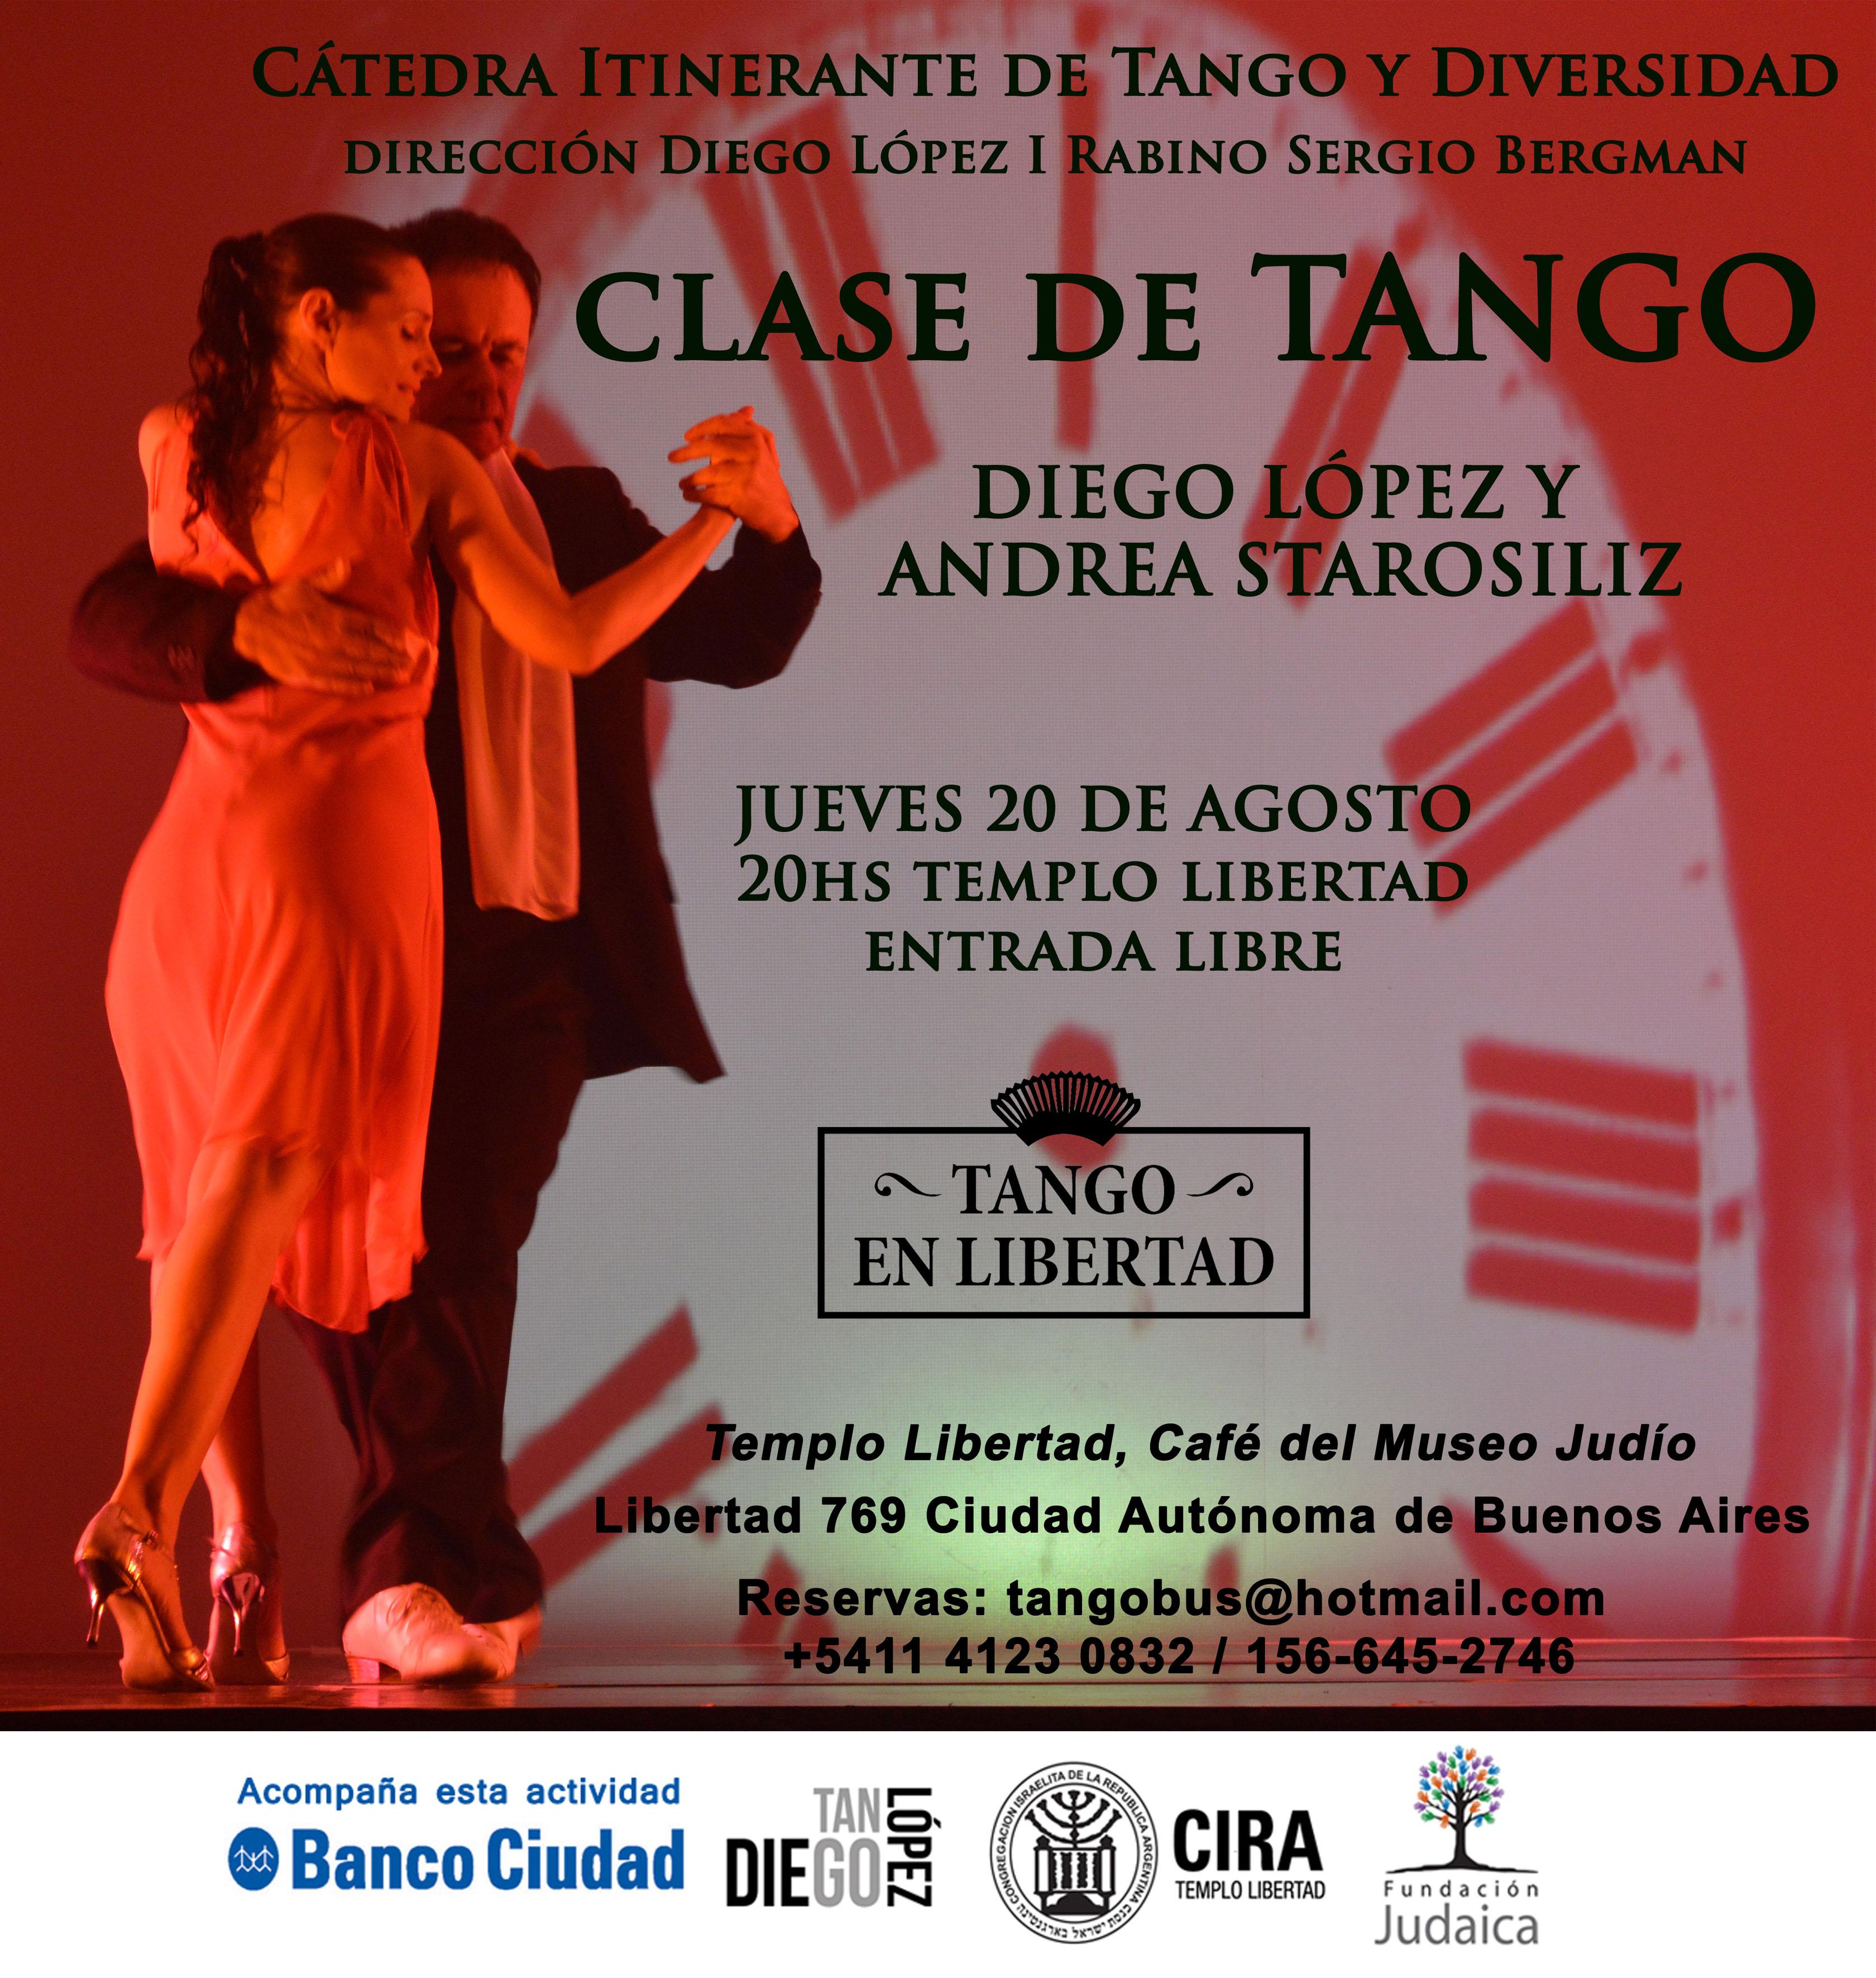 CLASE DE TANGO